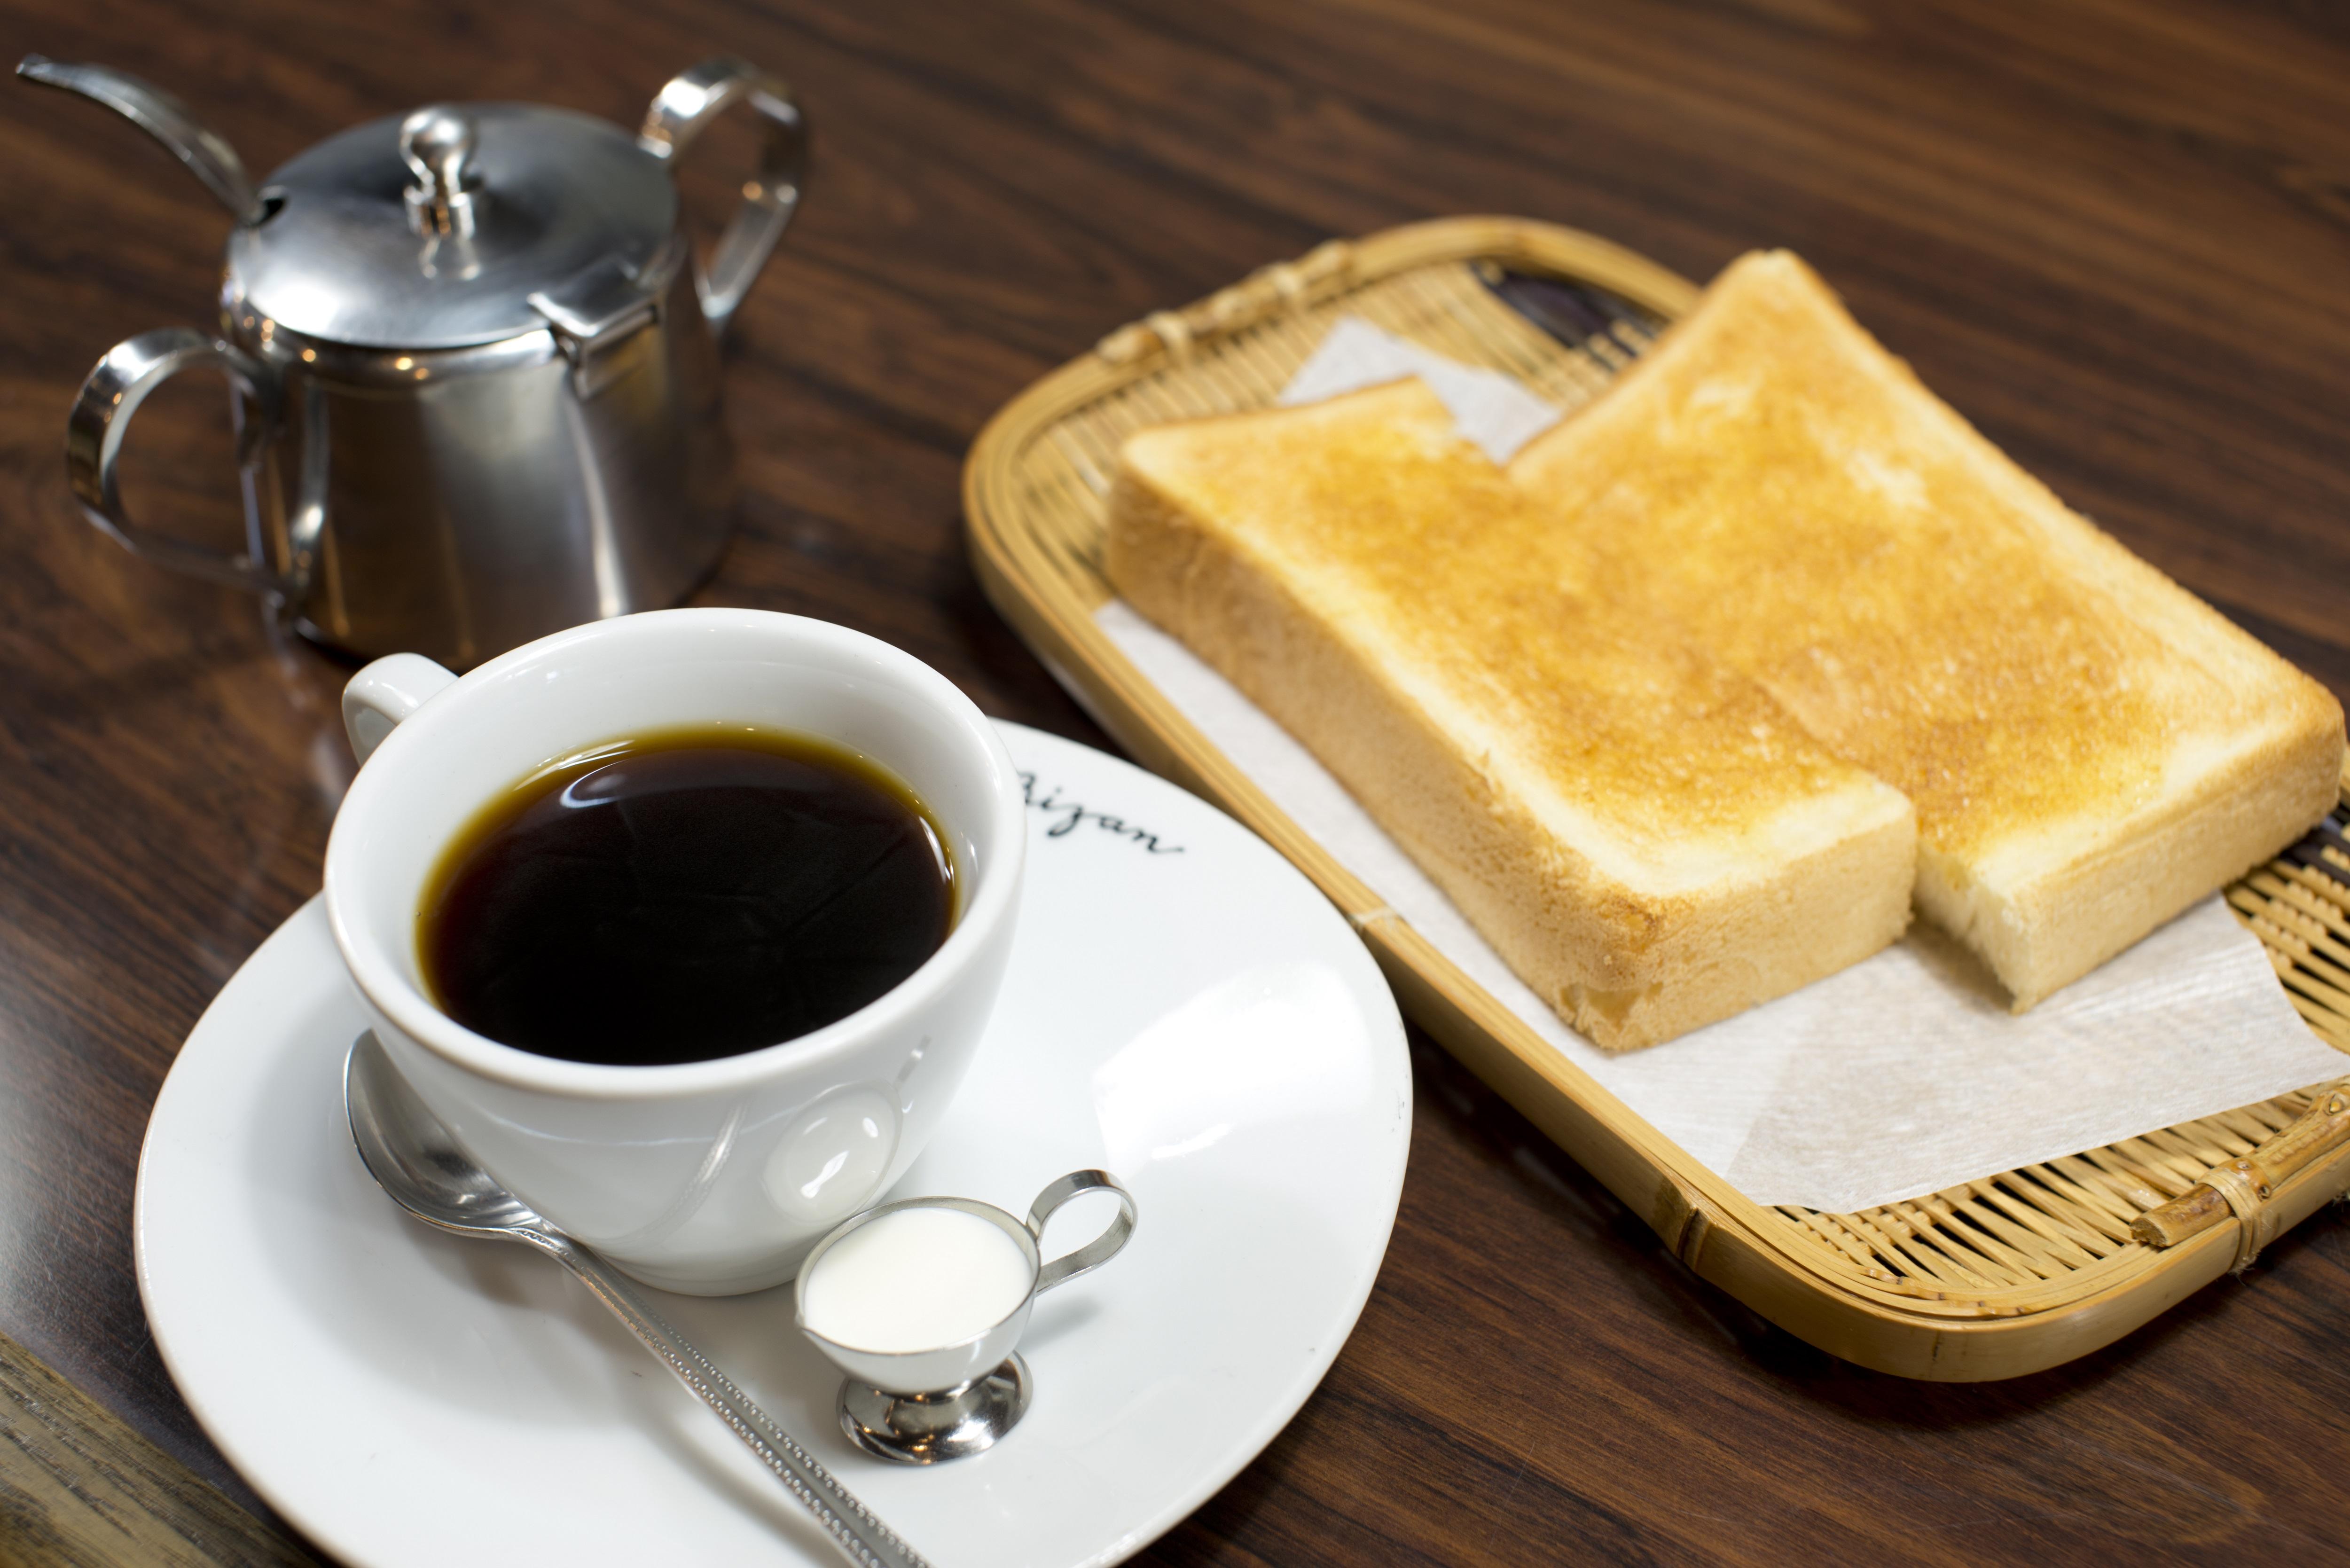 創業88年という歴史ある純喫茶での一服は、これまた格別だったという話。